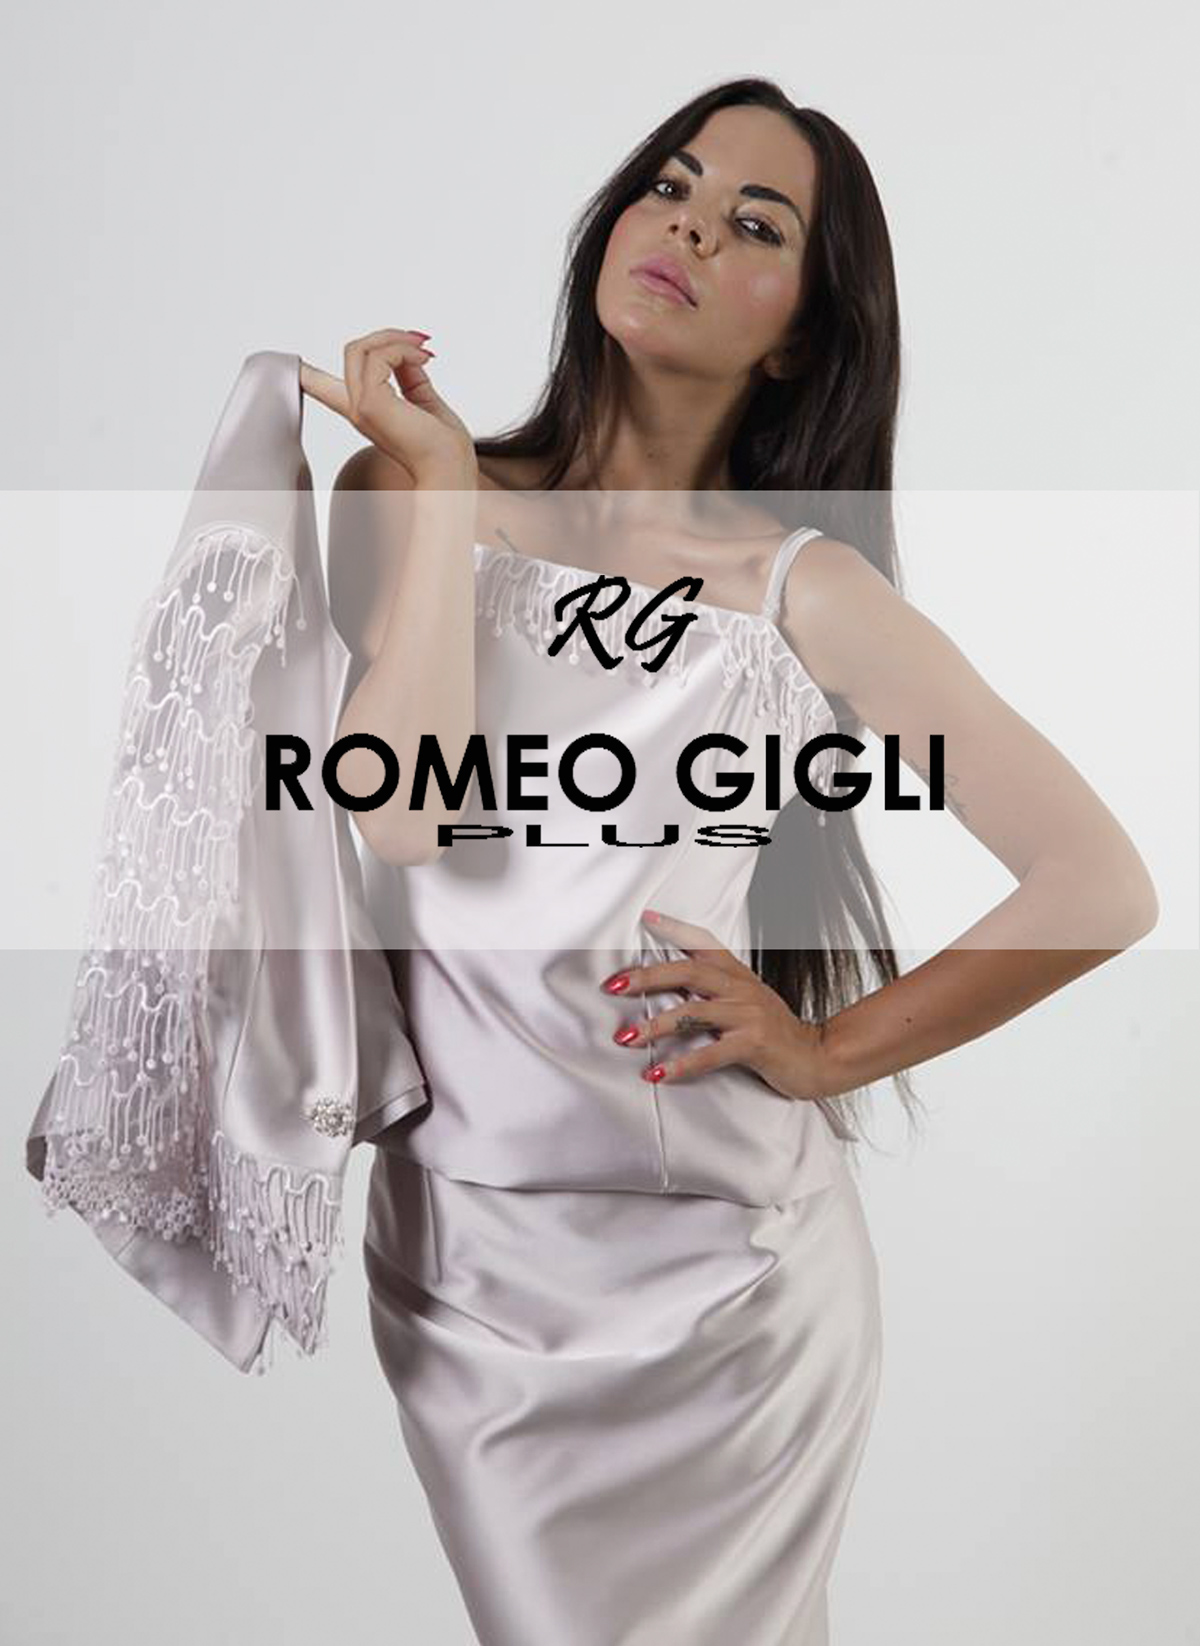 Da Cerimonia Gigli Plus Romeo CosenzaAbiti 3LqcA54jRS